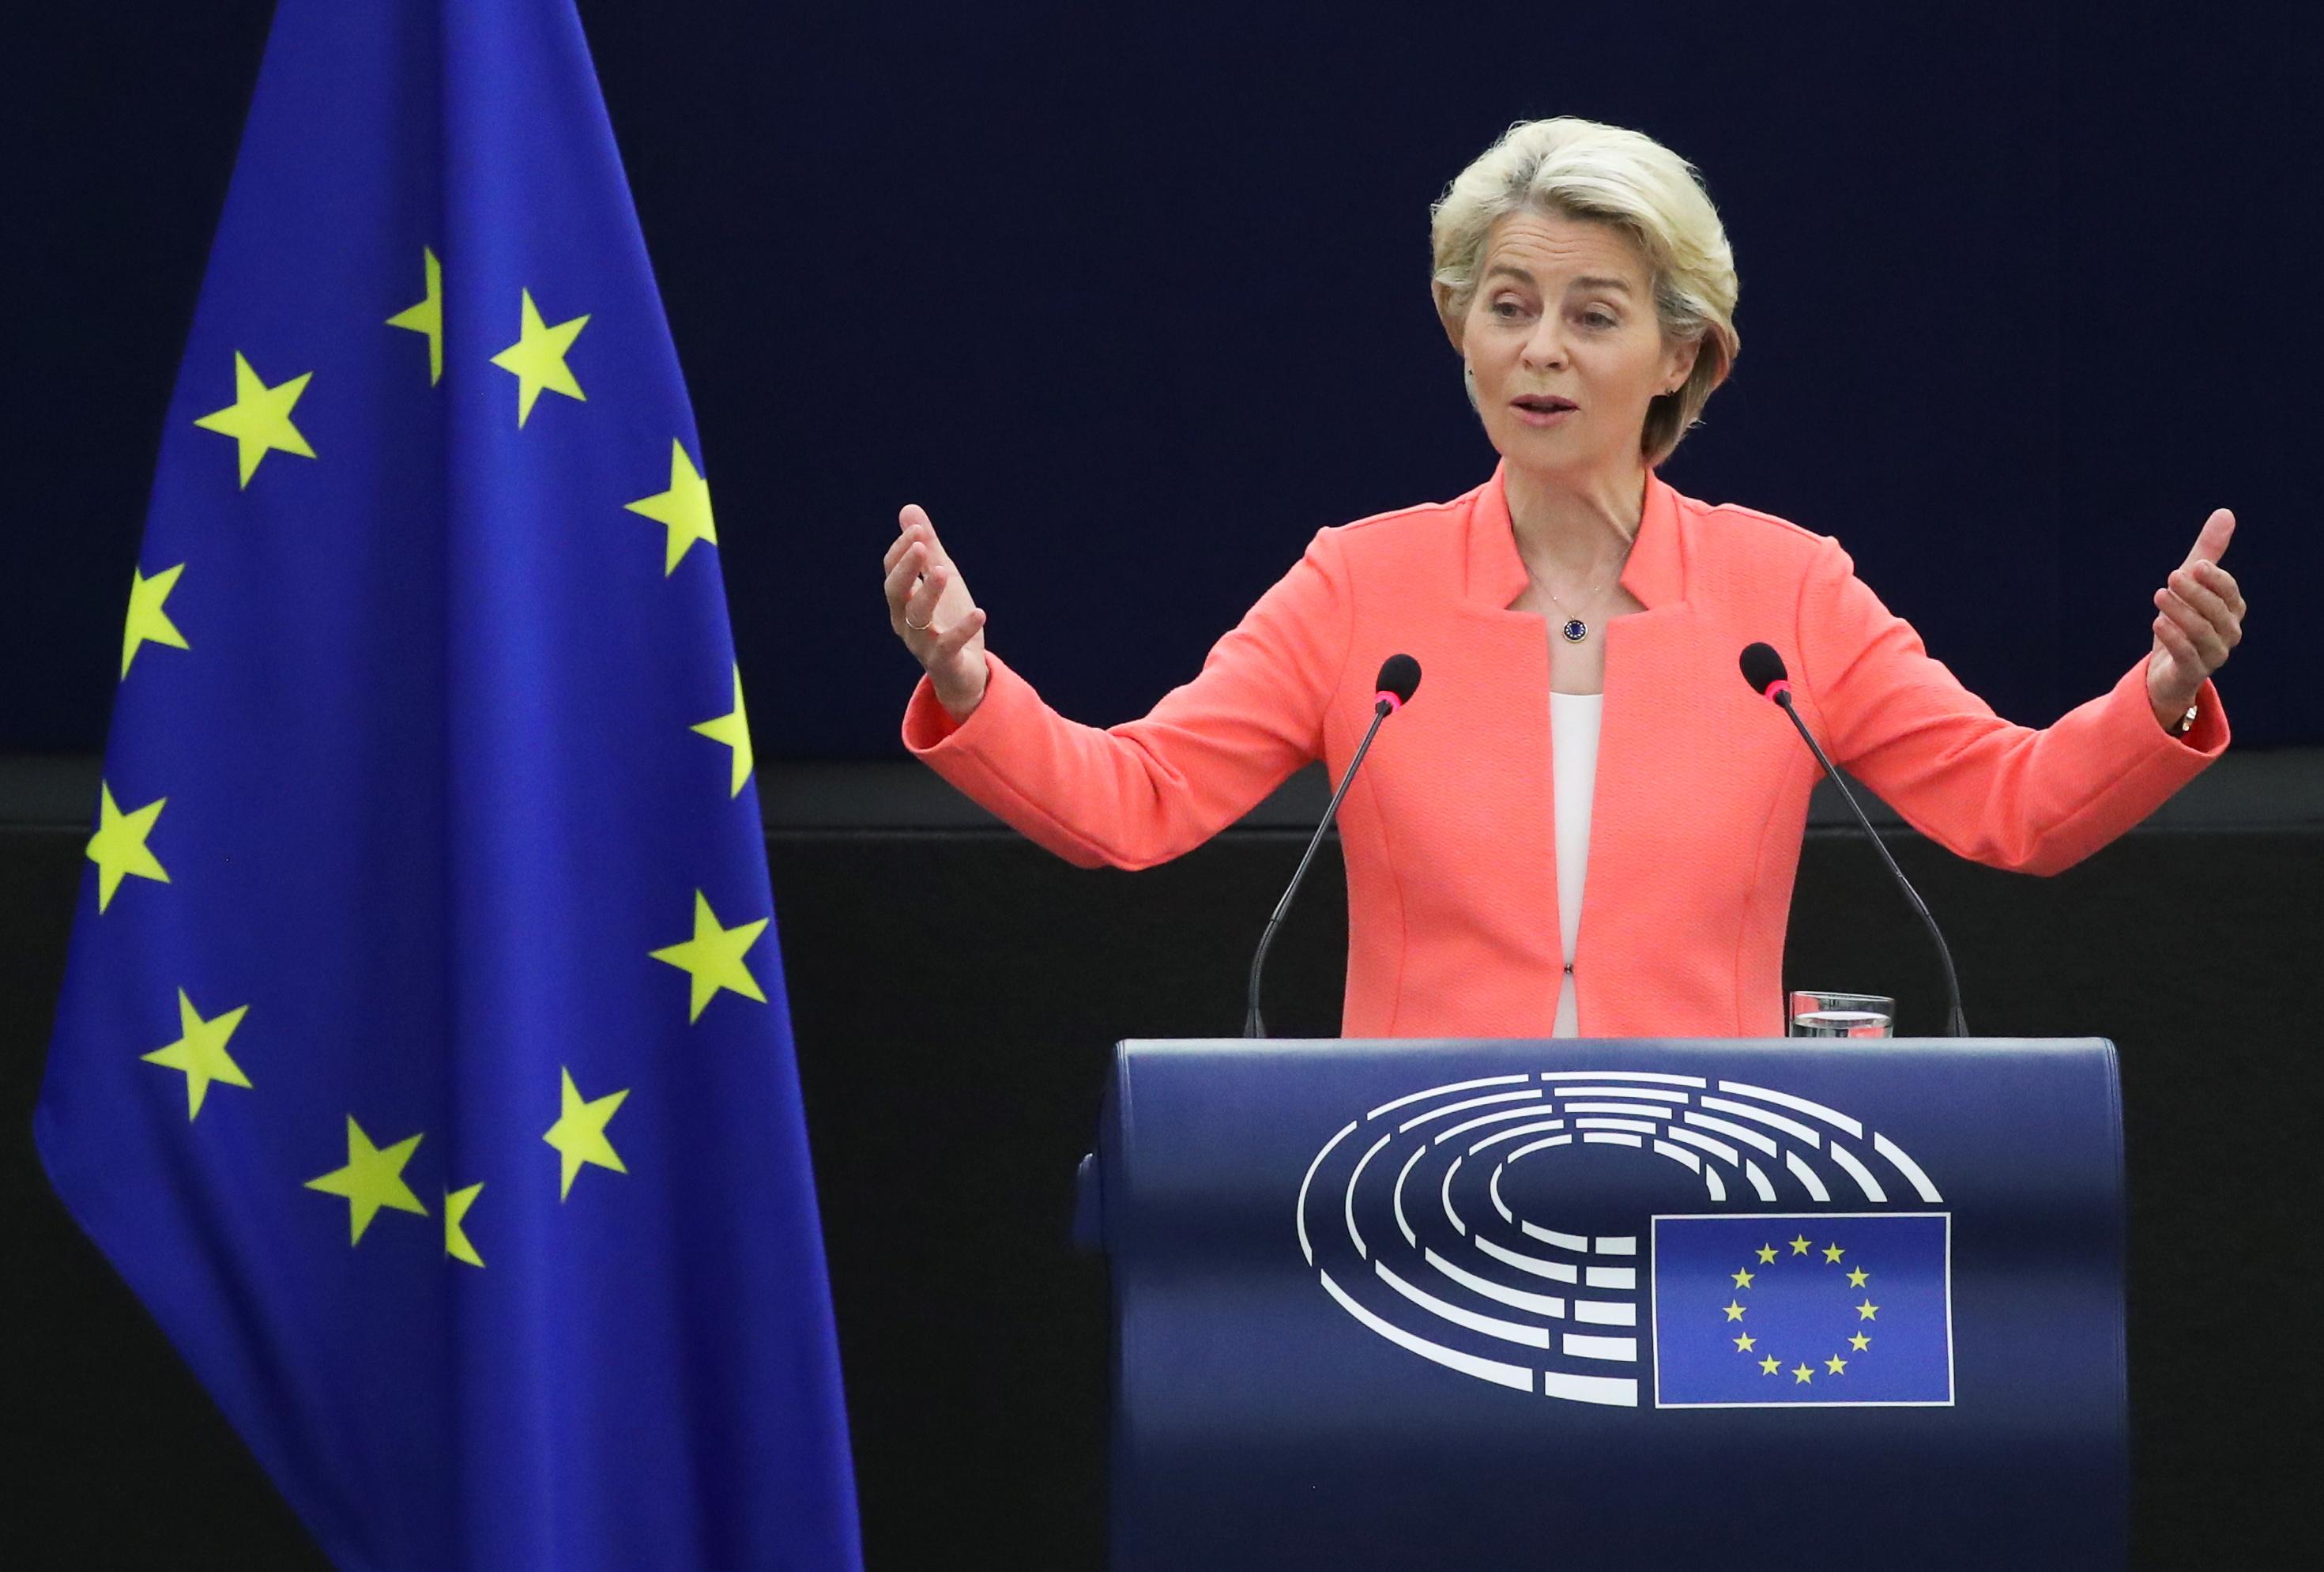 European Commission President Ursula von der Leyen delivers a speech during a debate on